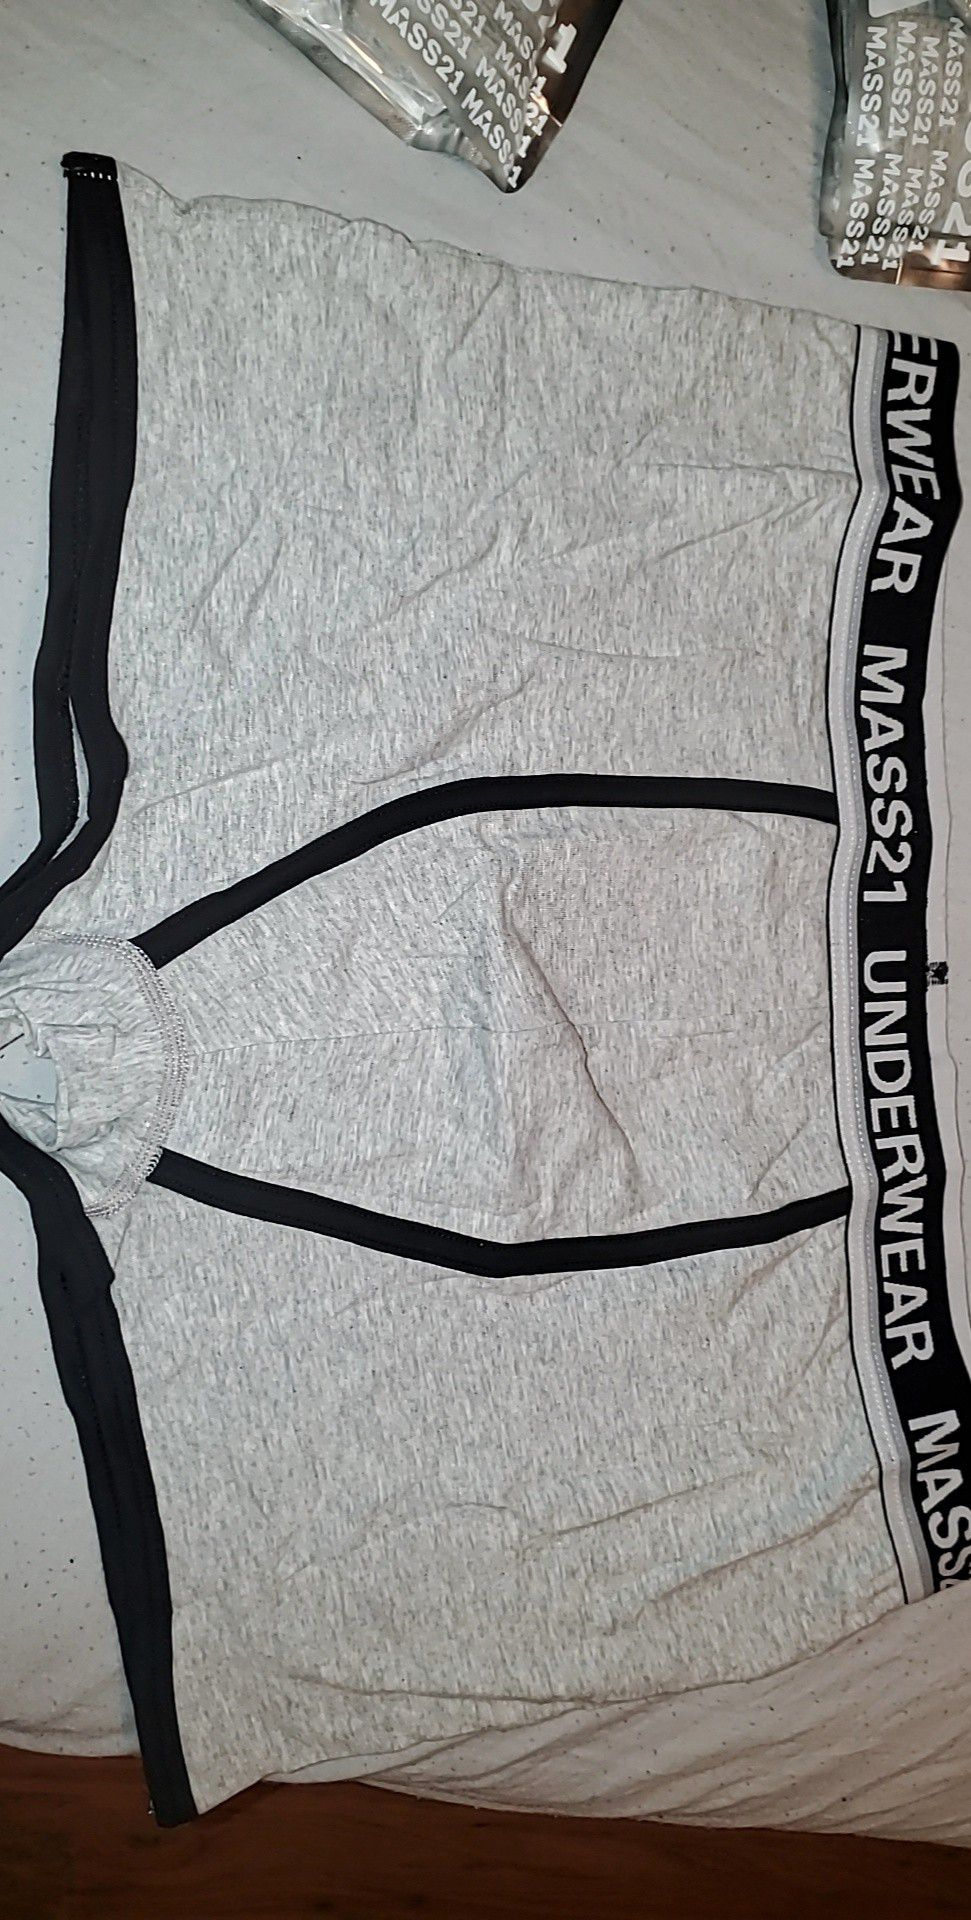 Mass21 underwear